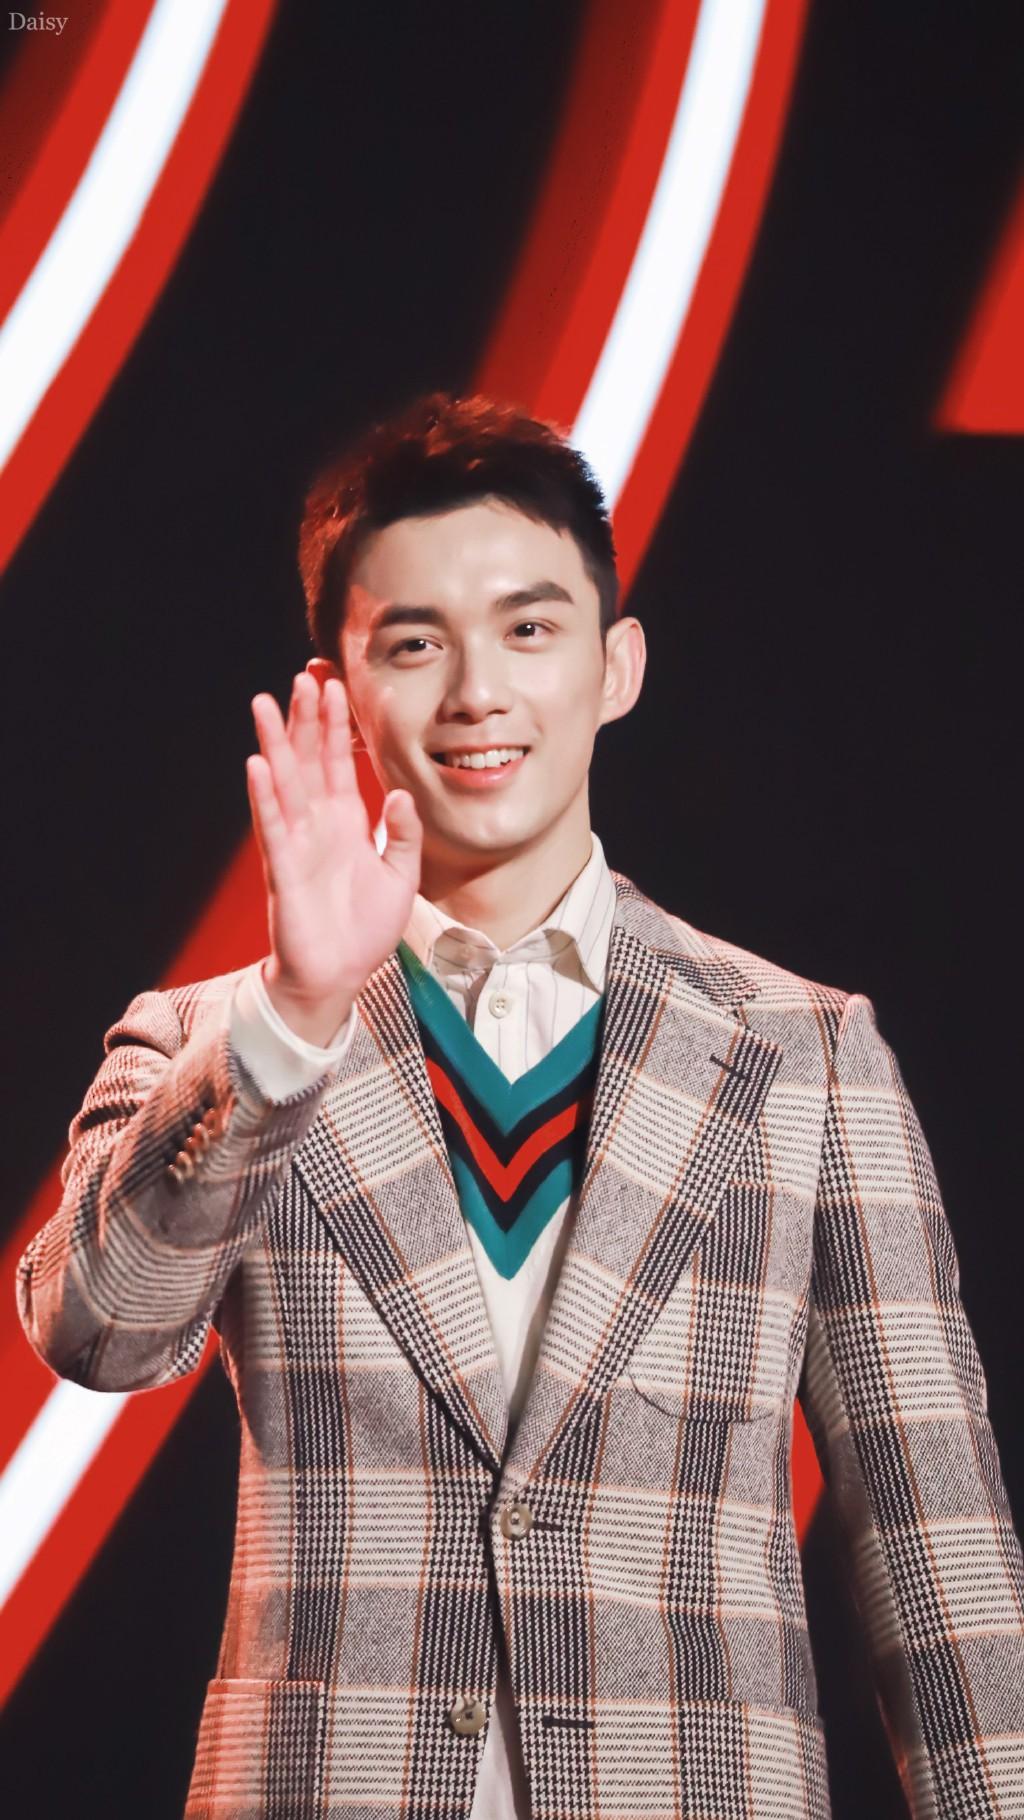 Góc trai đẹp bổ mắt: Luhan gây bão vì soái ca U30 hack tuổi, cạnh tranh sắc vóc với đàn em Ngô Lôi kém 9 tuổi - Ảnh 9.